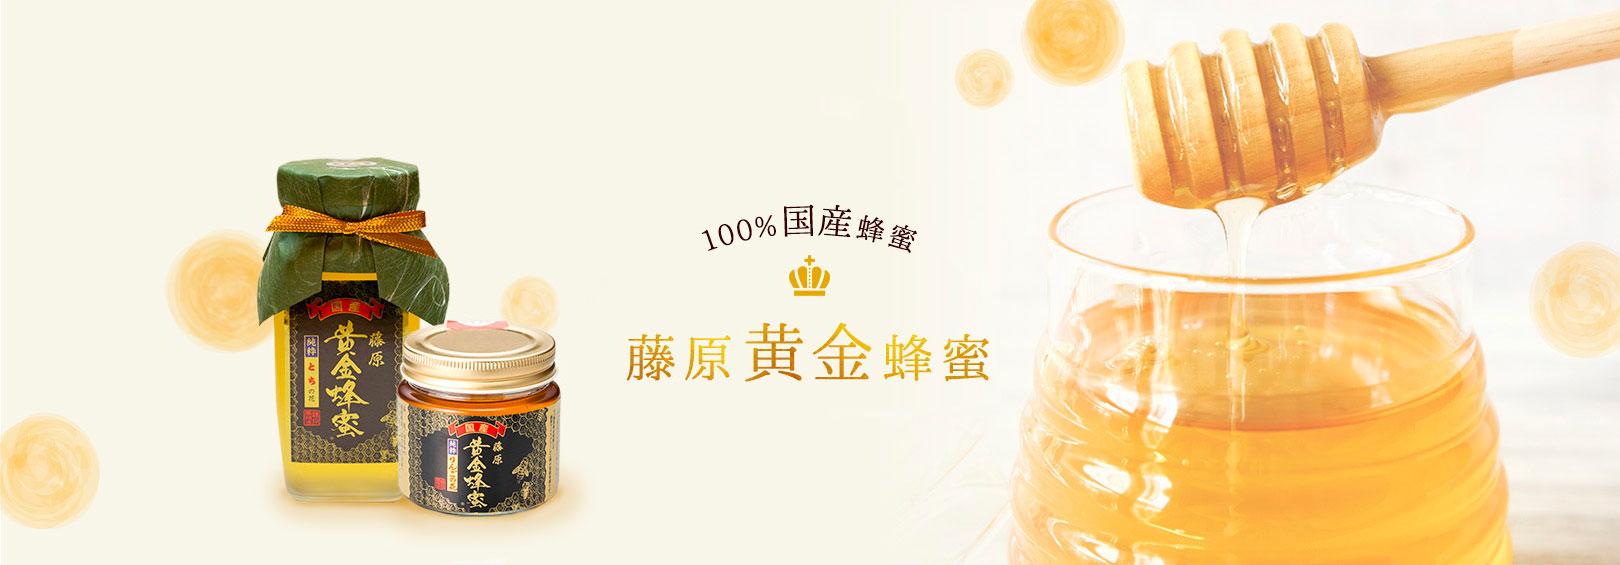 100%国産蜂蜜「藤原黄金蜂蜜」